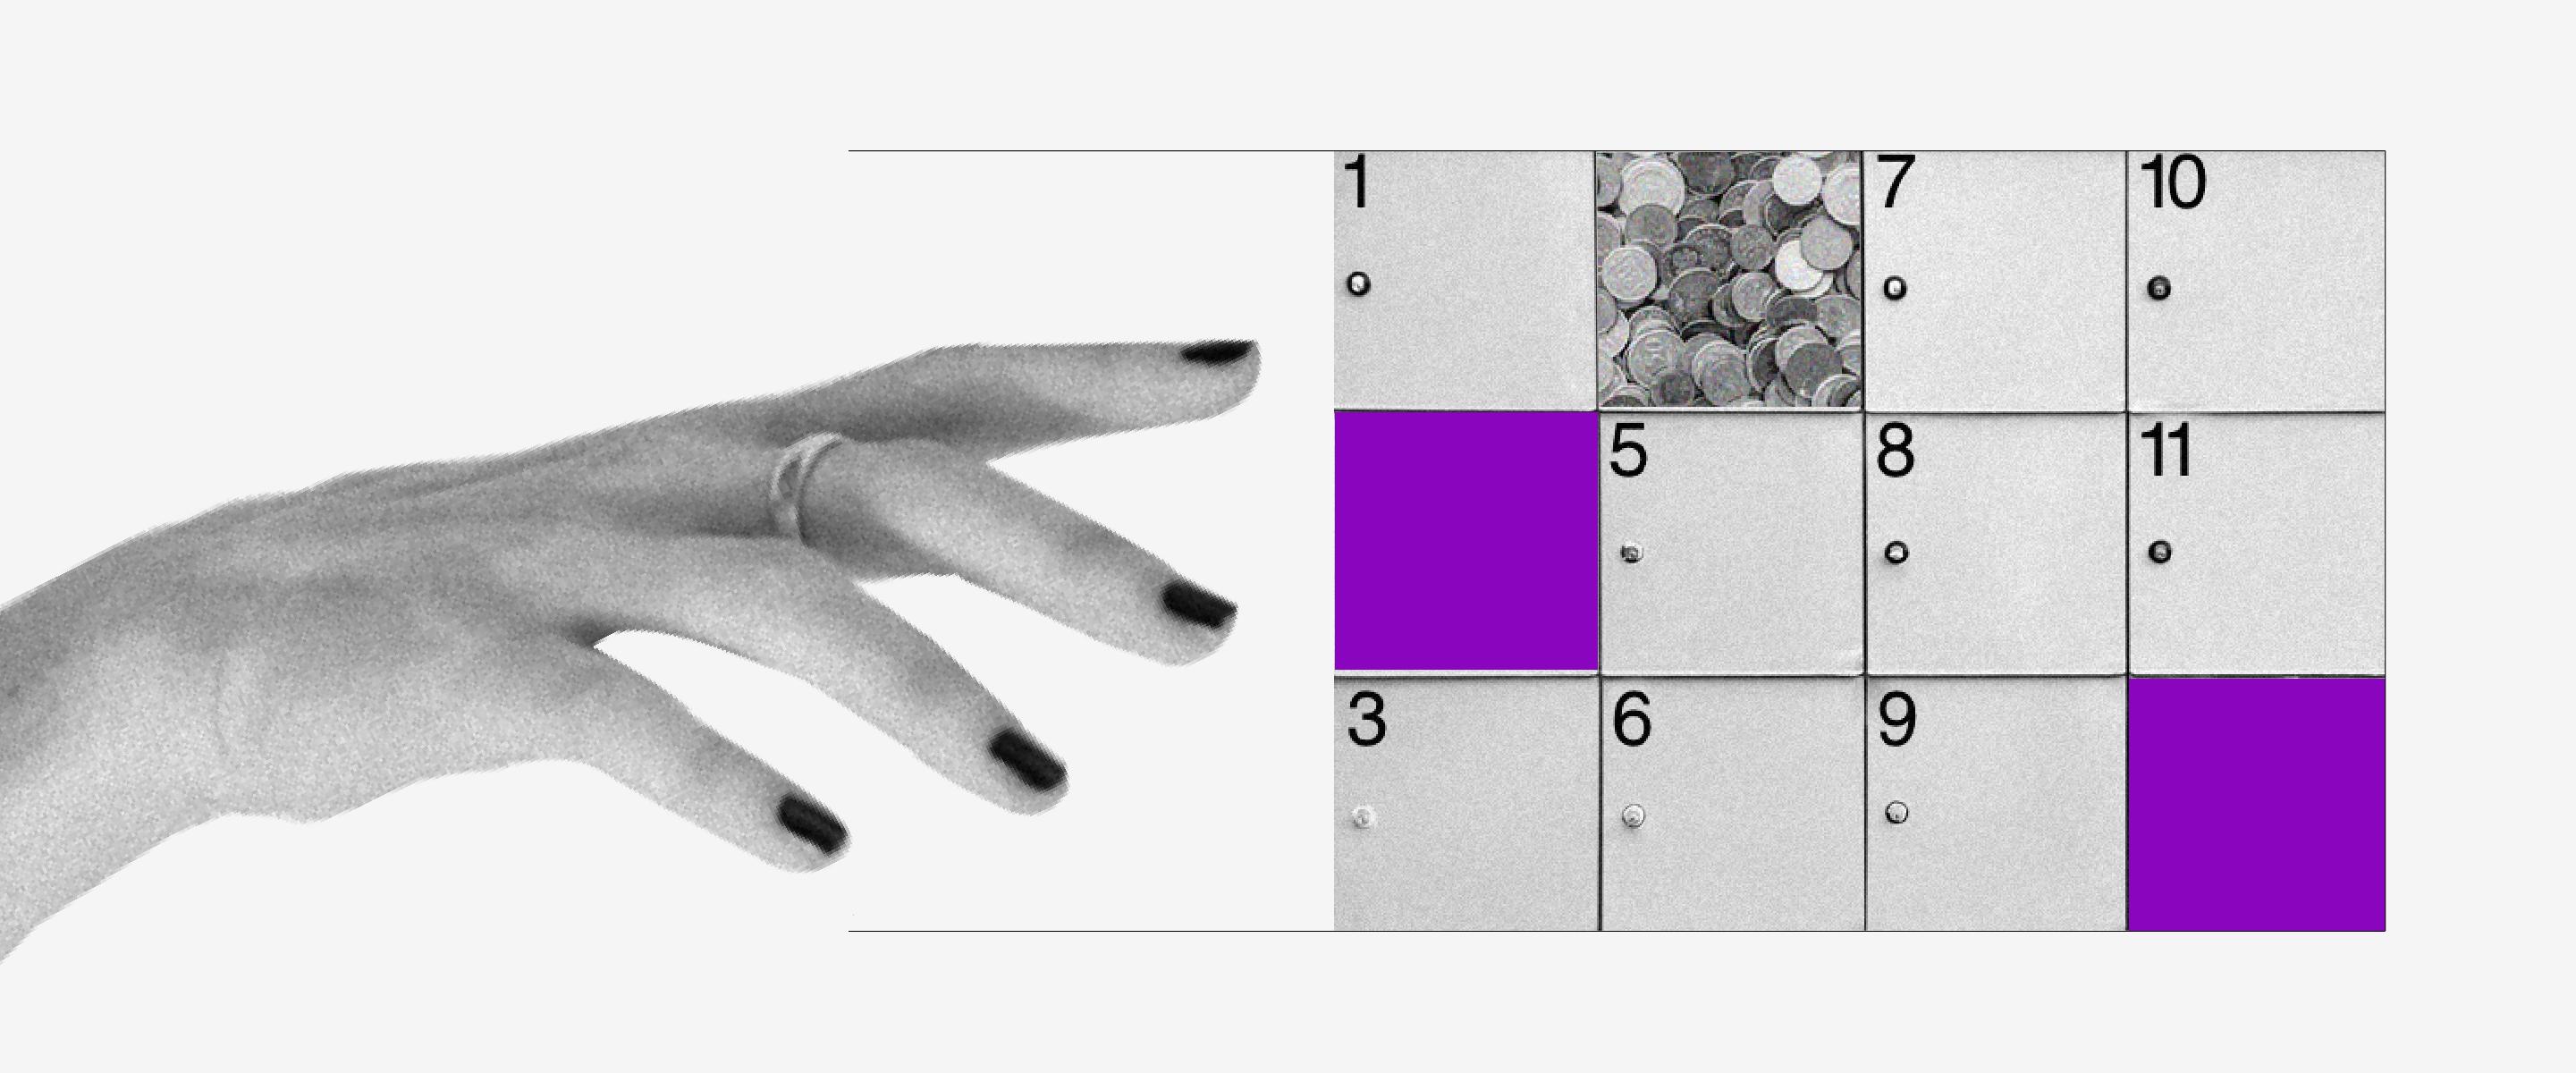 Calendário auxílio emergencial: imagem de um calendário com alguns quadrados cinzas e outros roxos. Um deles está preenchido de moedas. Uma mão se aproxima para pegar as moedas.